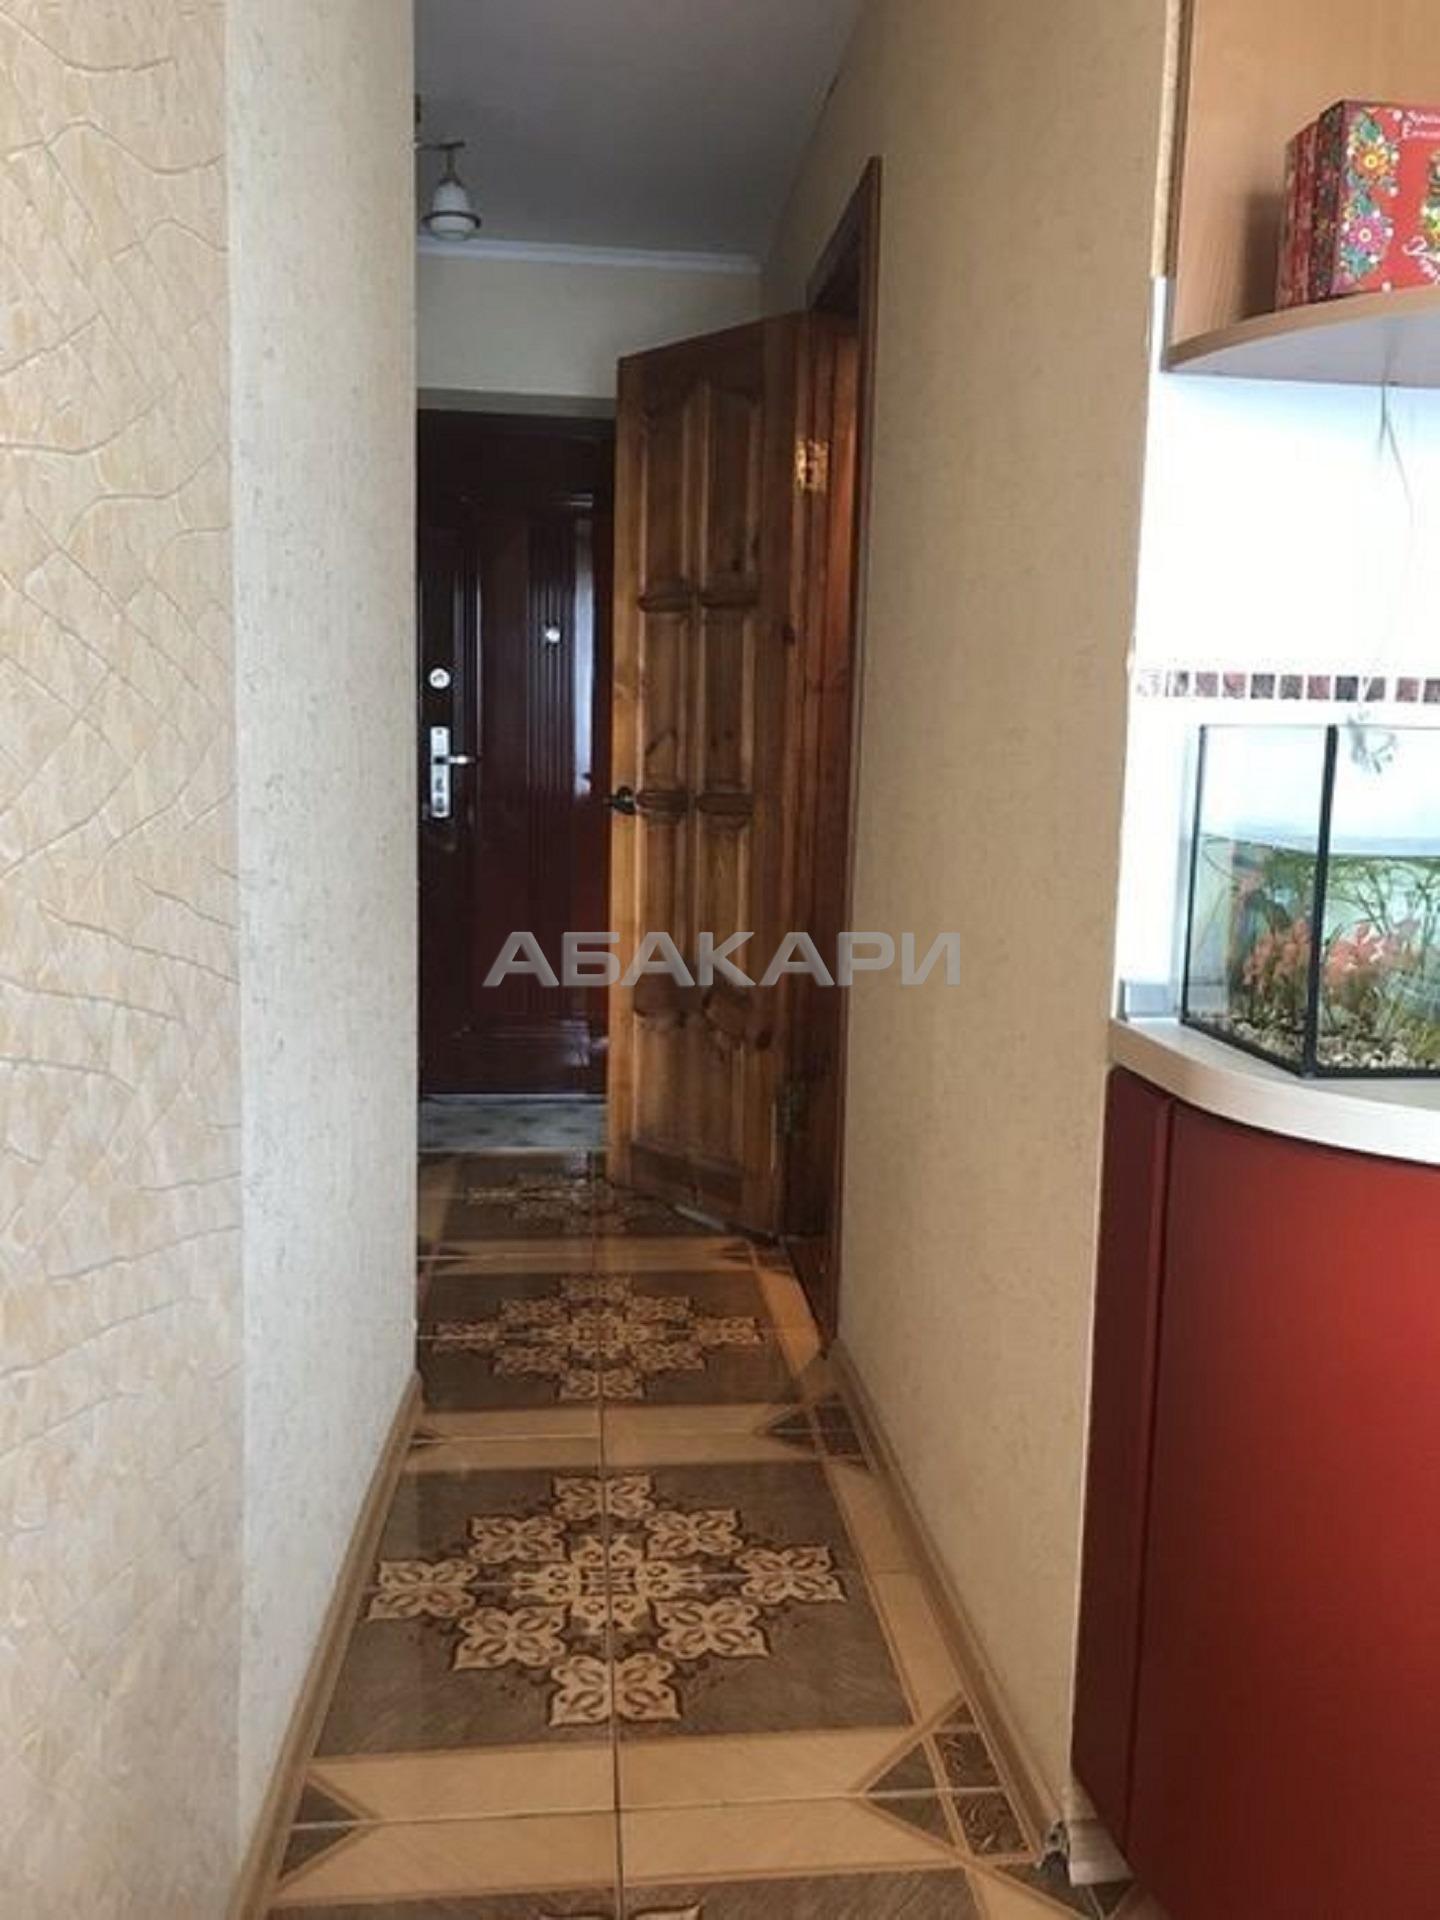 1к квартира Свободный проспект, 58А | 15000 | аренда в Красноярске фото 2